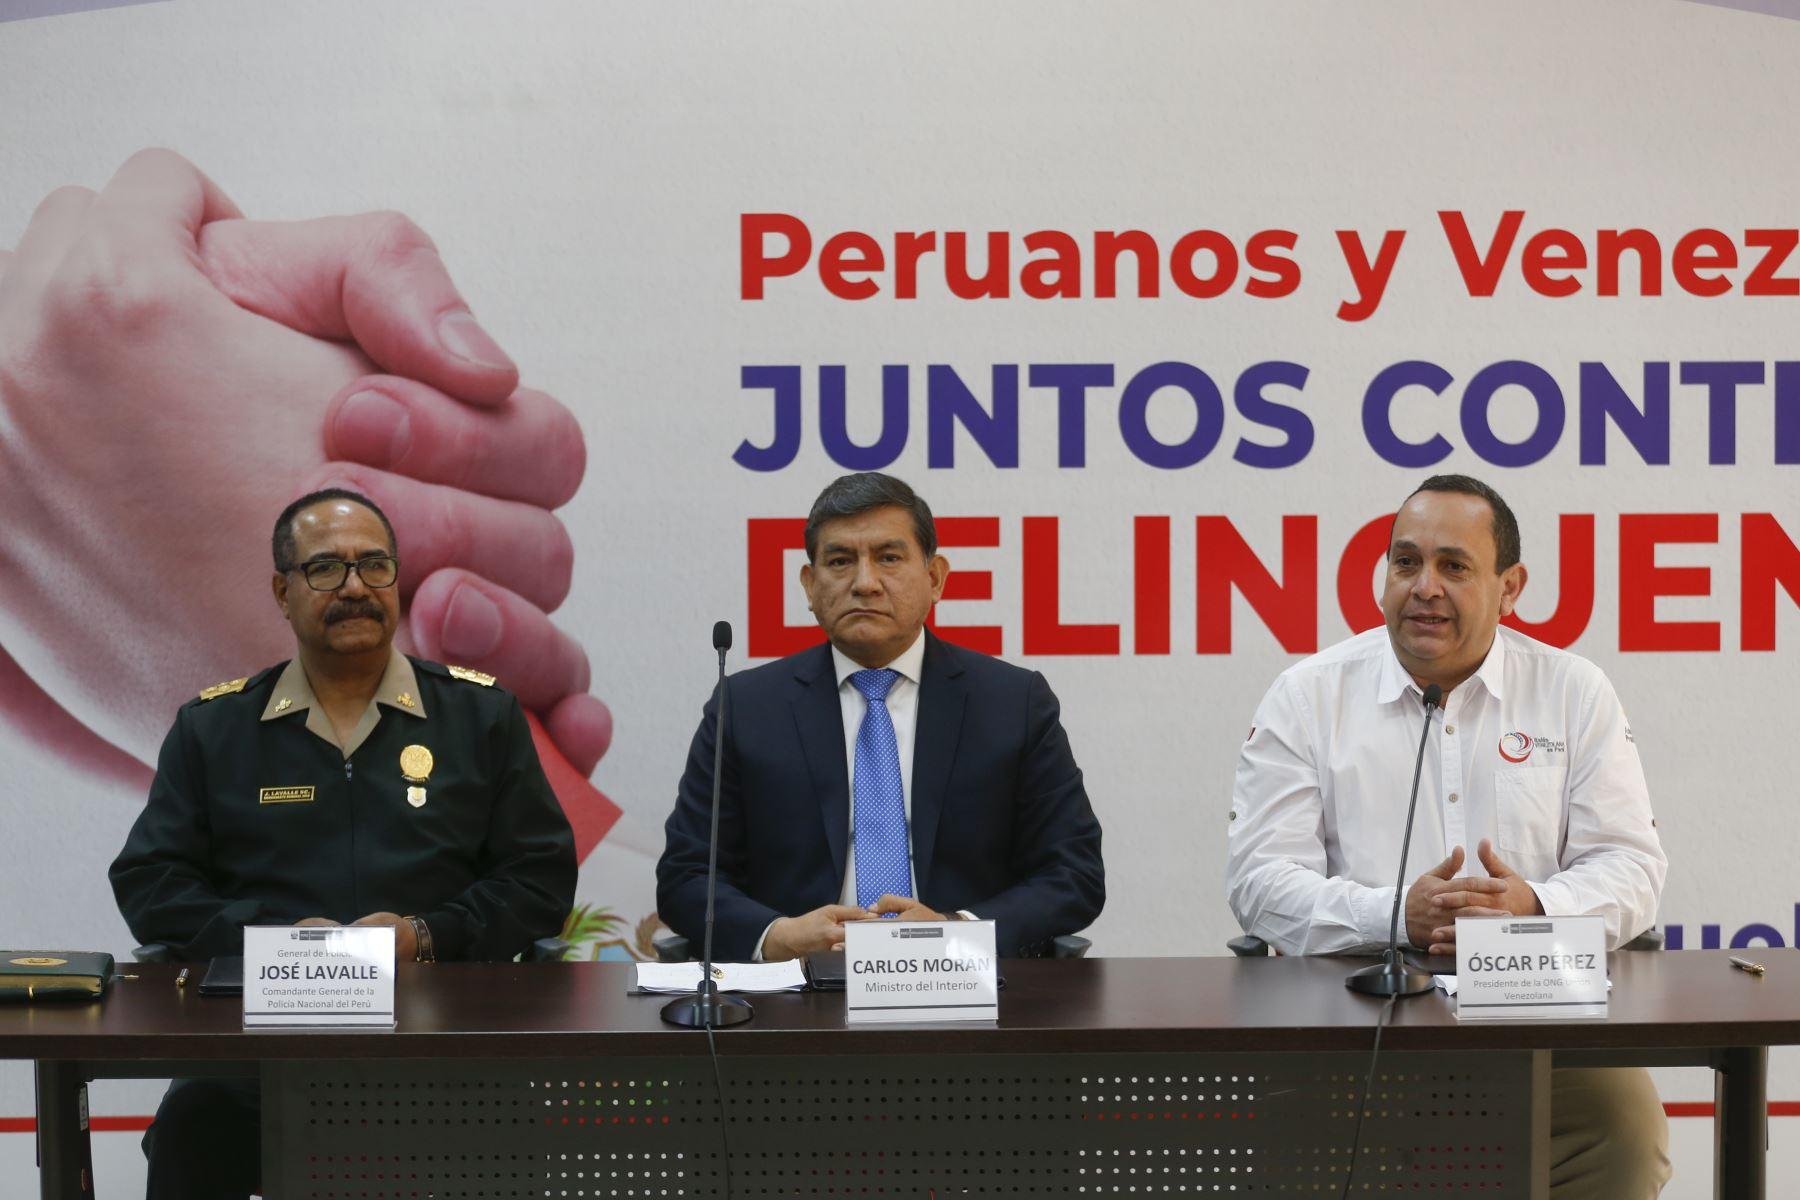 Mininter y Unión Venezolana acuerdan combatir la delincuencia en el Perú. Participaron Ministro Carlos Moran, el general de la Policia, José Lavalle y Oscar Perez, presidente de la ONG Unión Venezolana en Perú. Foto: ANDINA/Renato Pajuelo